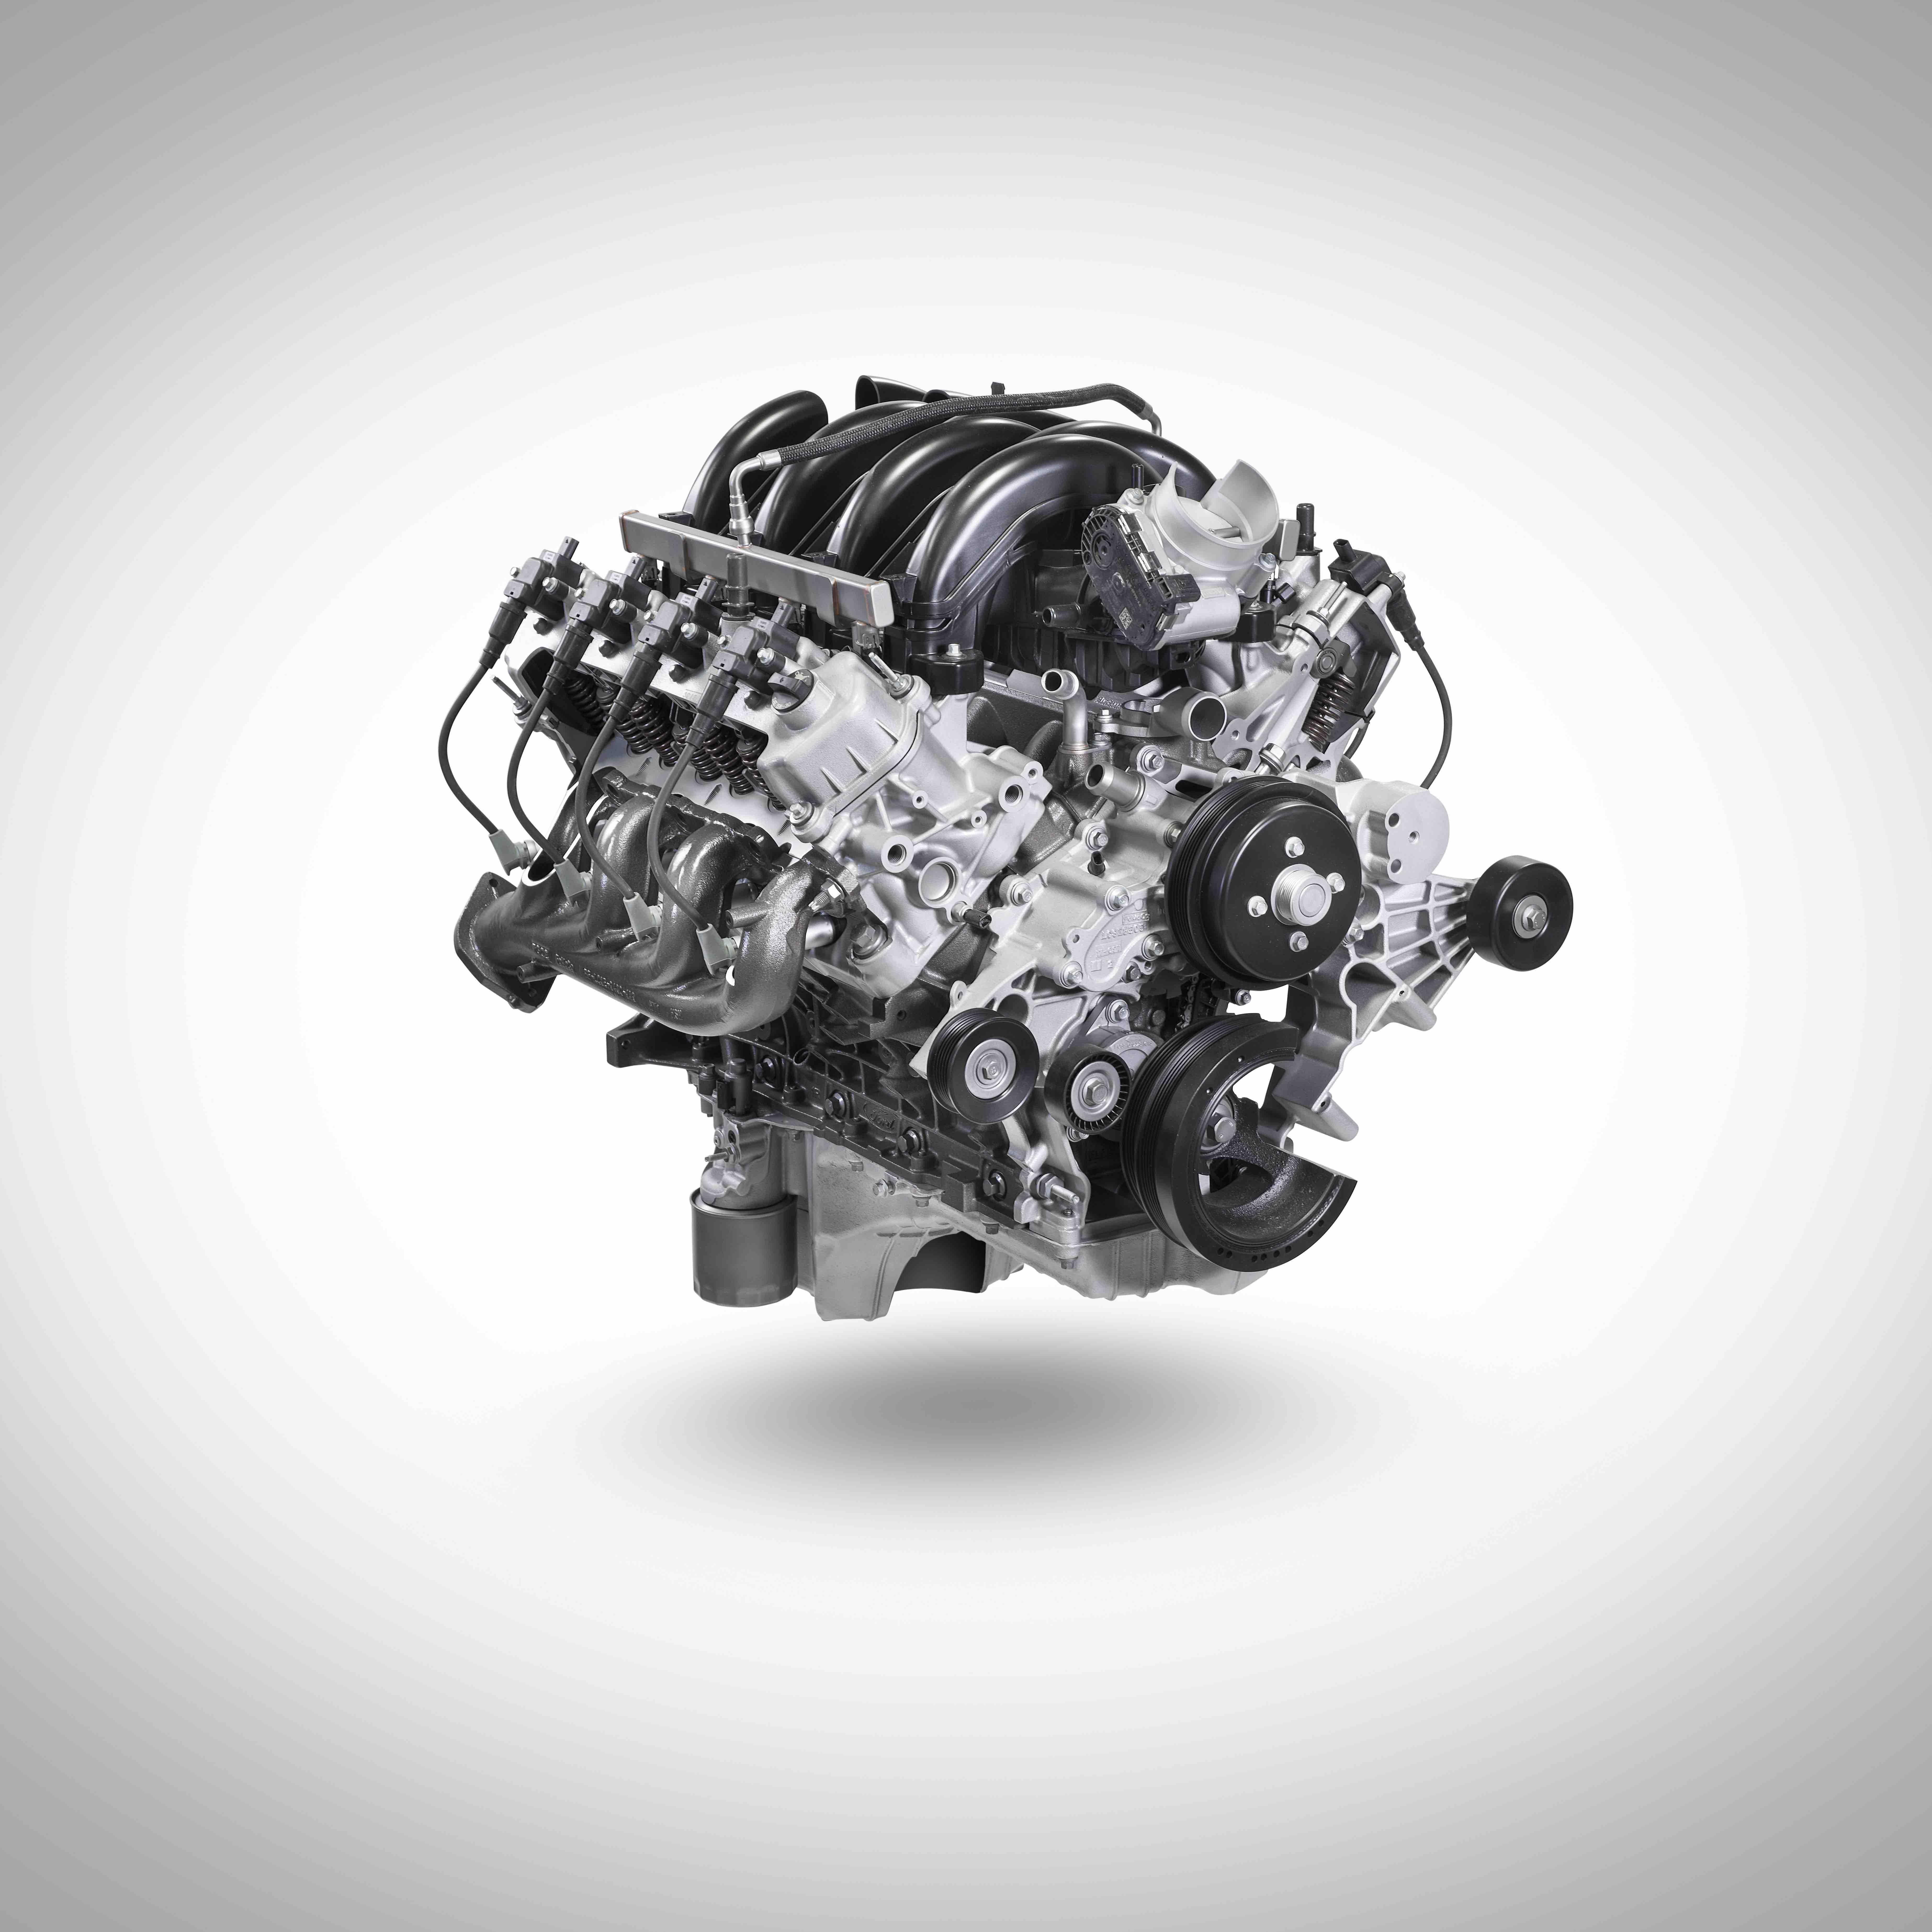 Ford 7.3 L V8